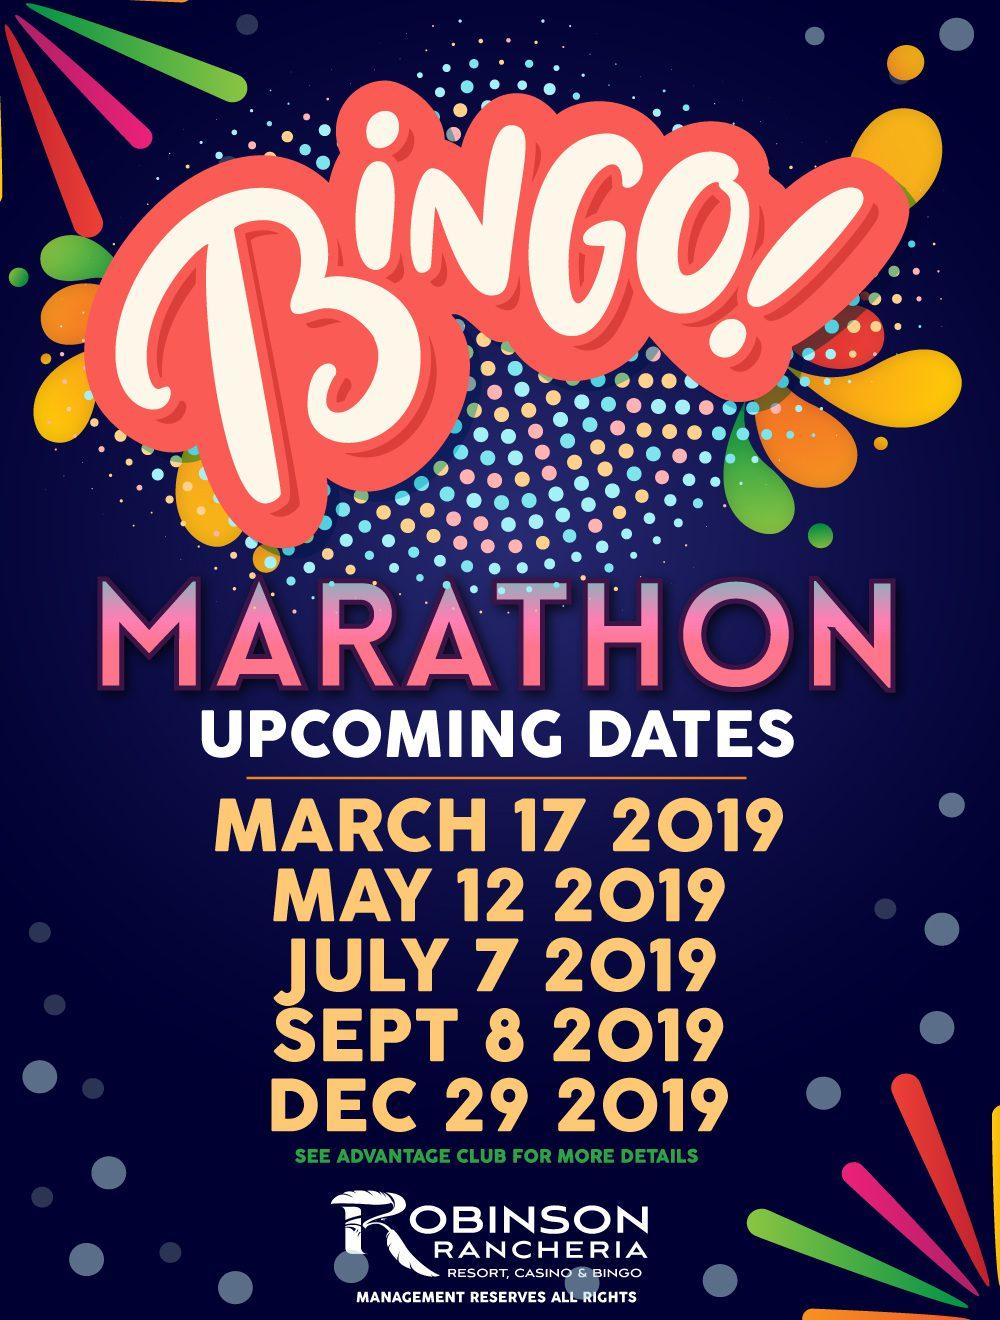 bingo and casino